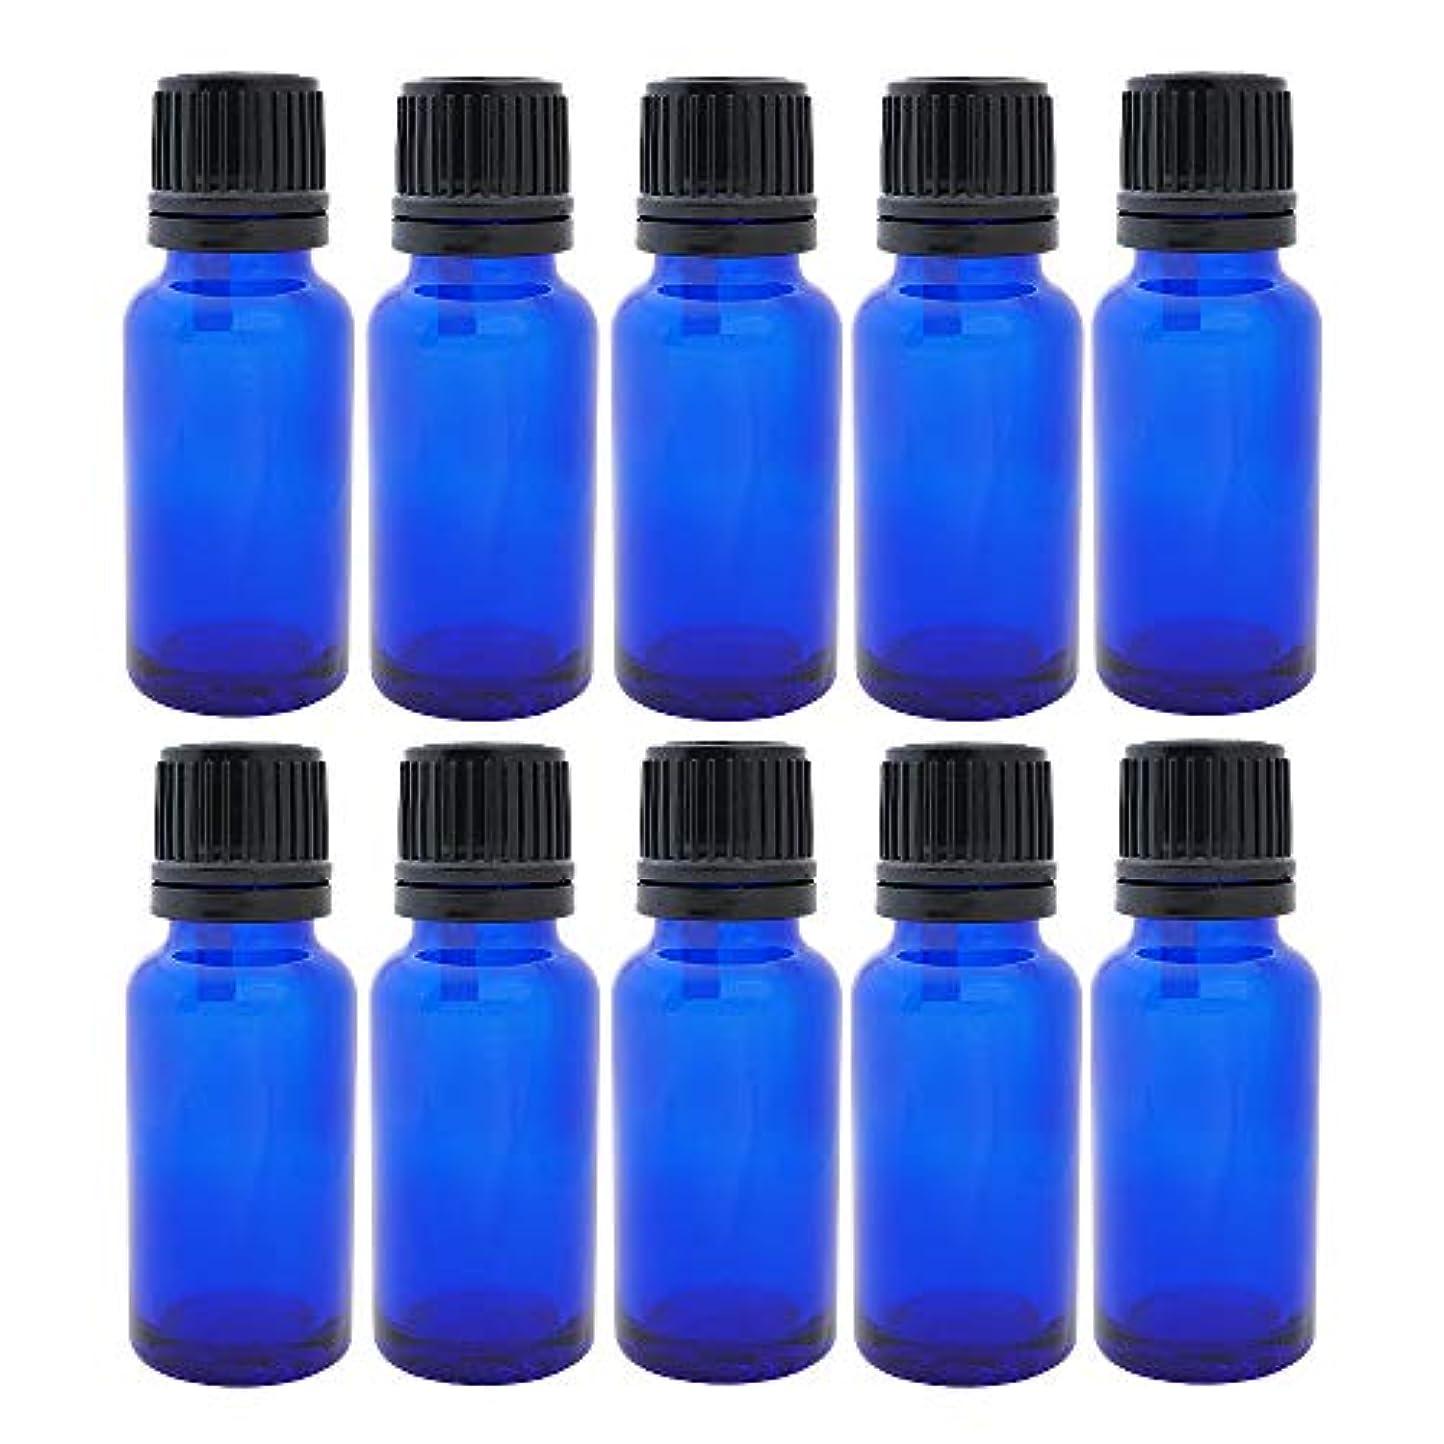 引き出し合金イタリック遮光ビン 20ml 瓶 10本セット ブルー(ドロッパー キャップ付)